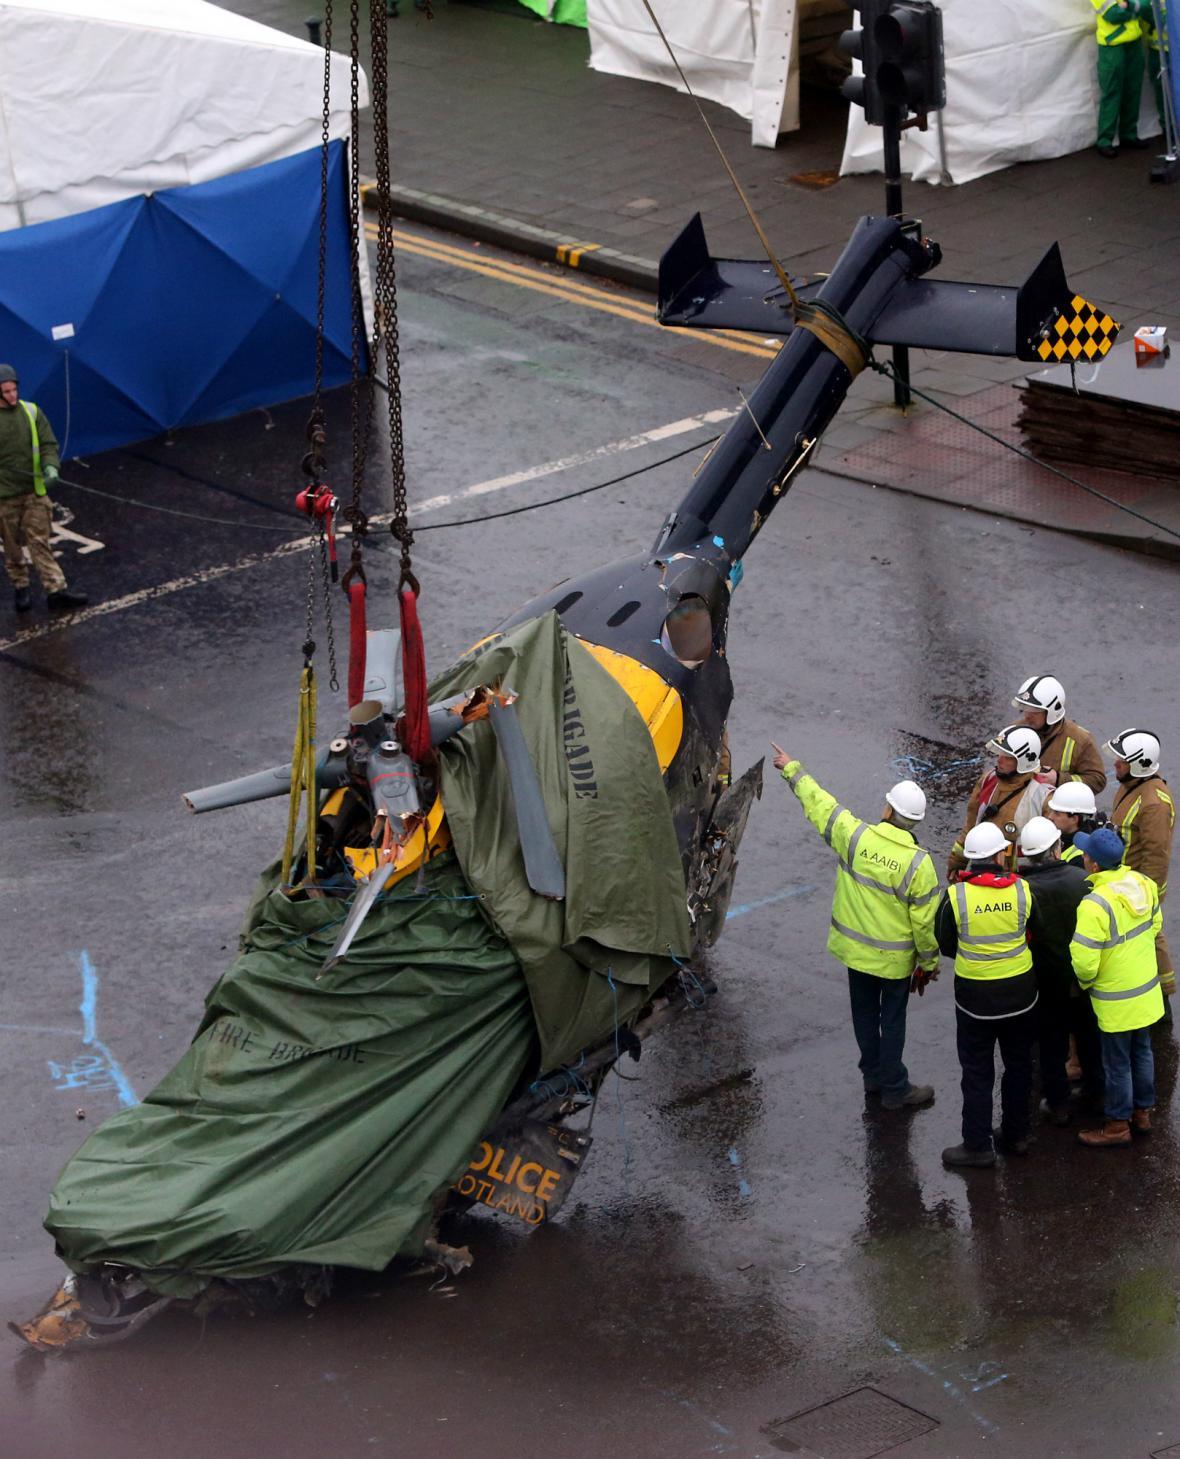 Vrak vrtulníku, který v pátek havaroval v Glasgow